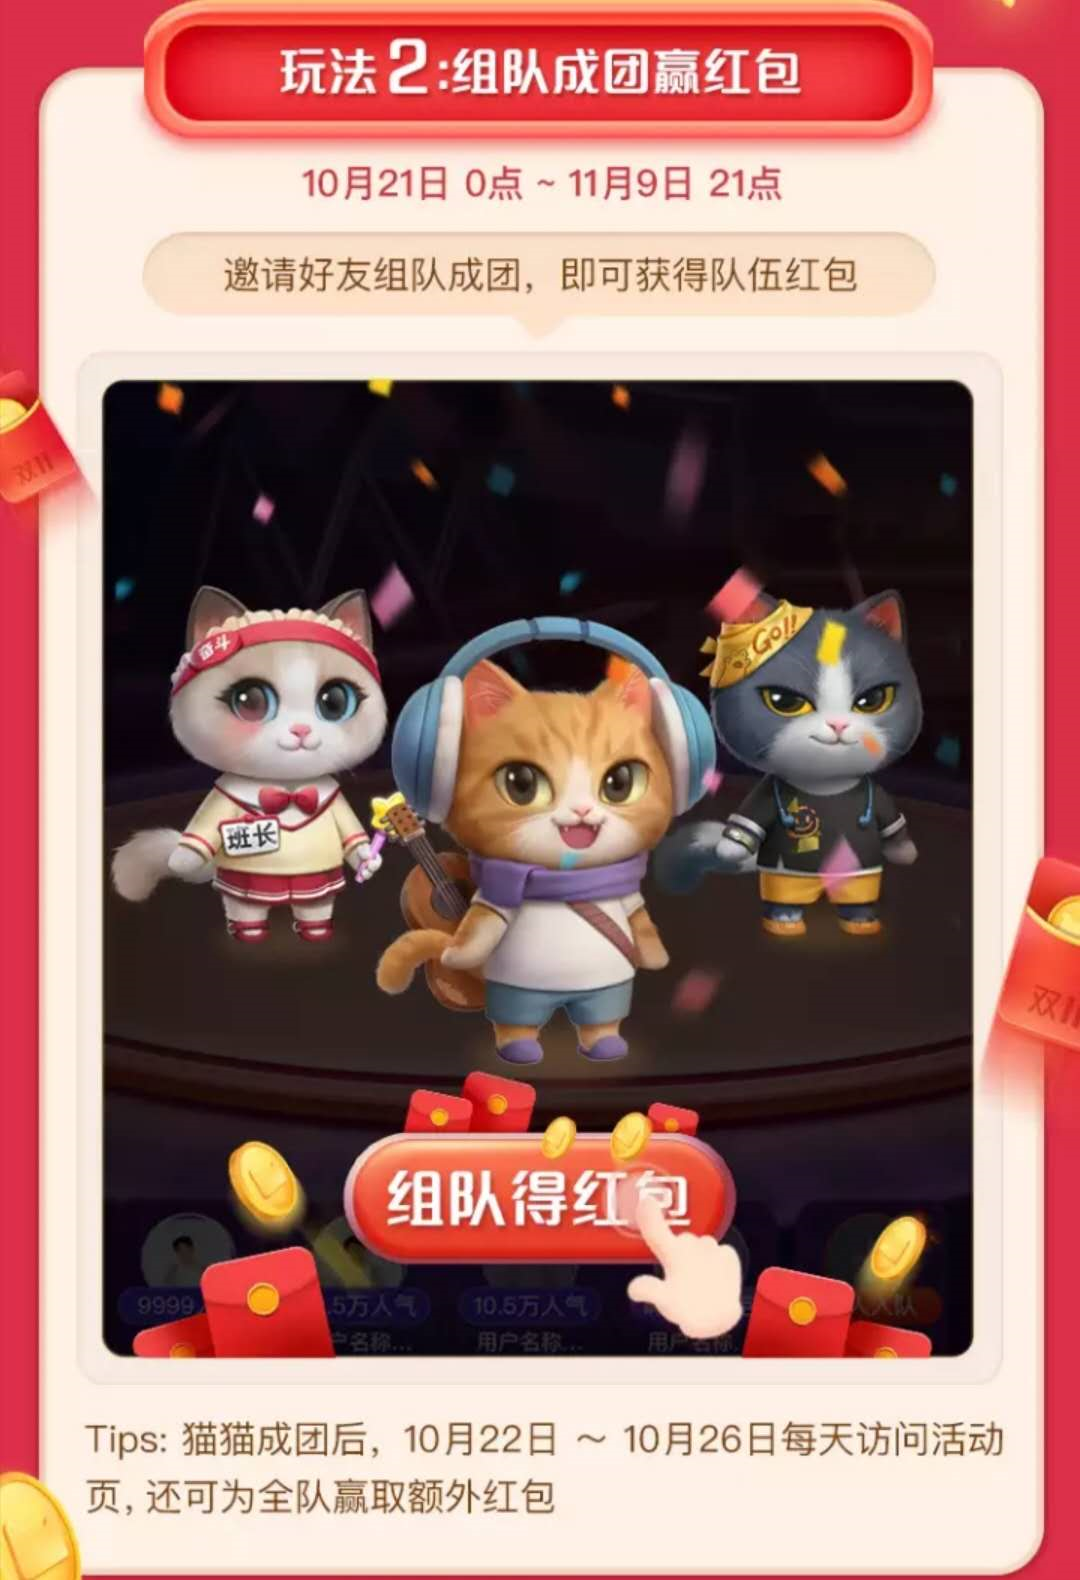 2020年天猫双11超级星秀猫养猫瓜分20亿游戏玩法!